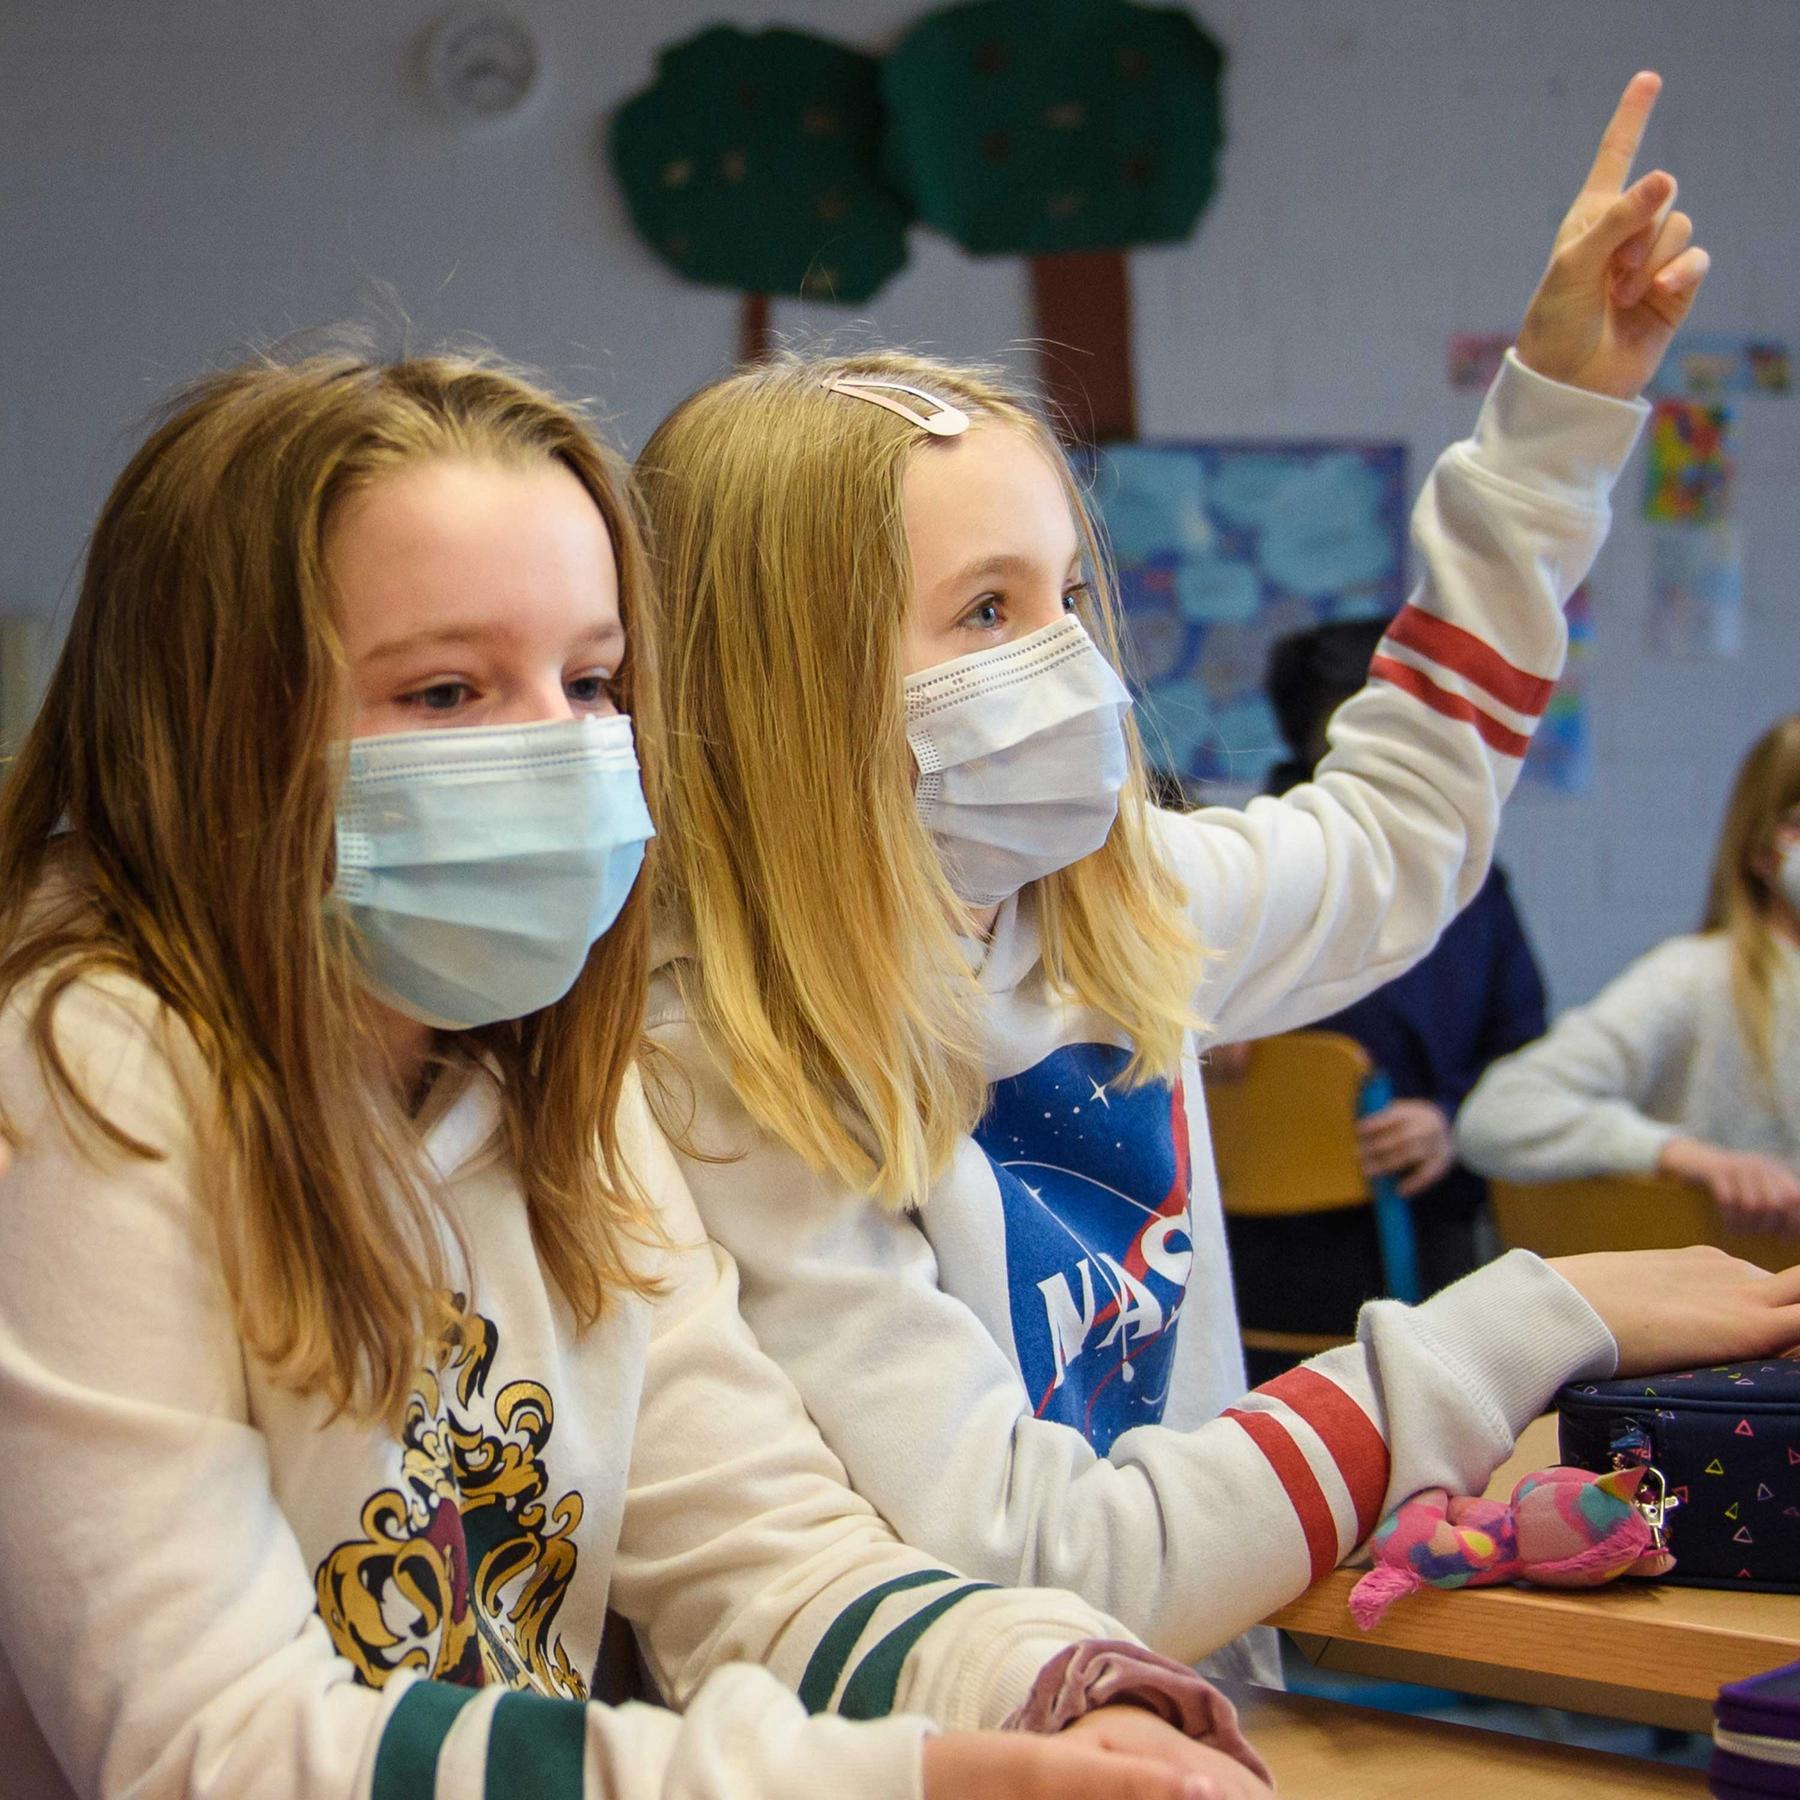 Kinder in Gefahr - Immer mehr stecken sich mit dem Corona-Virus an